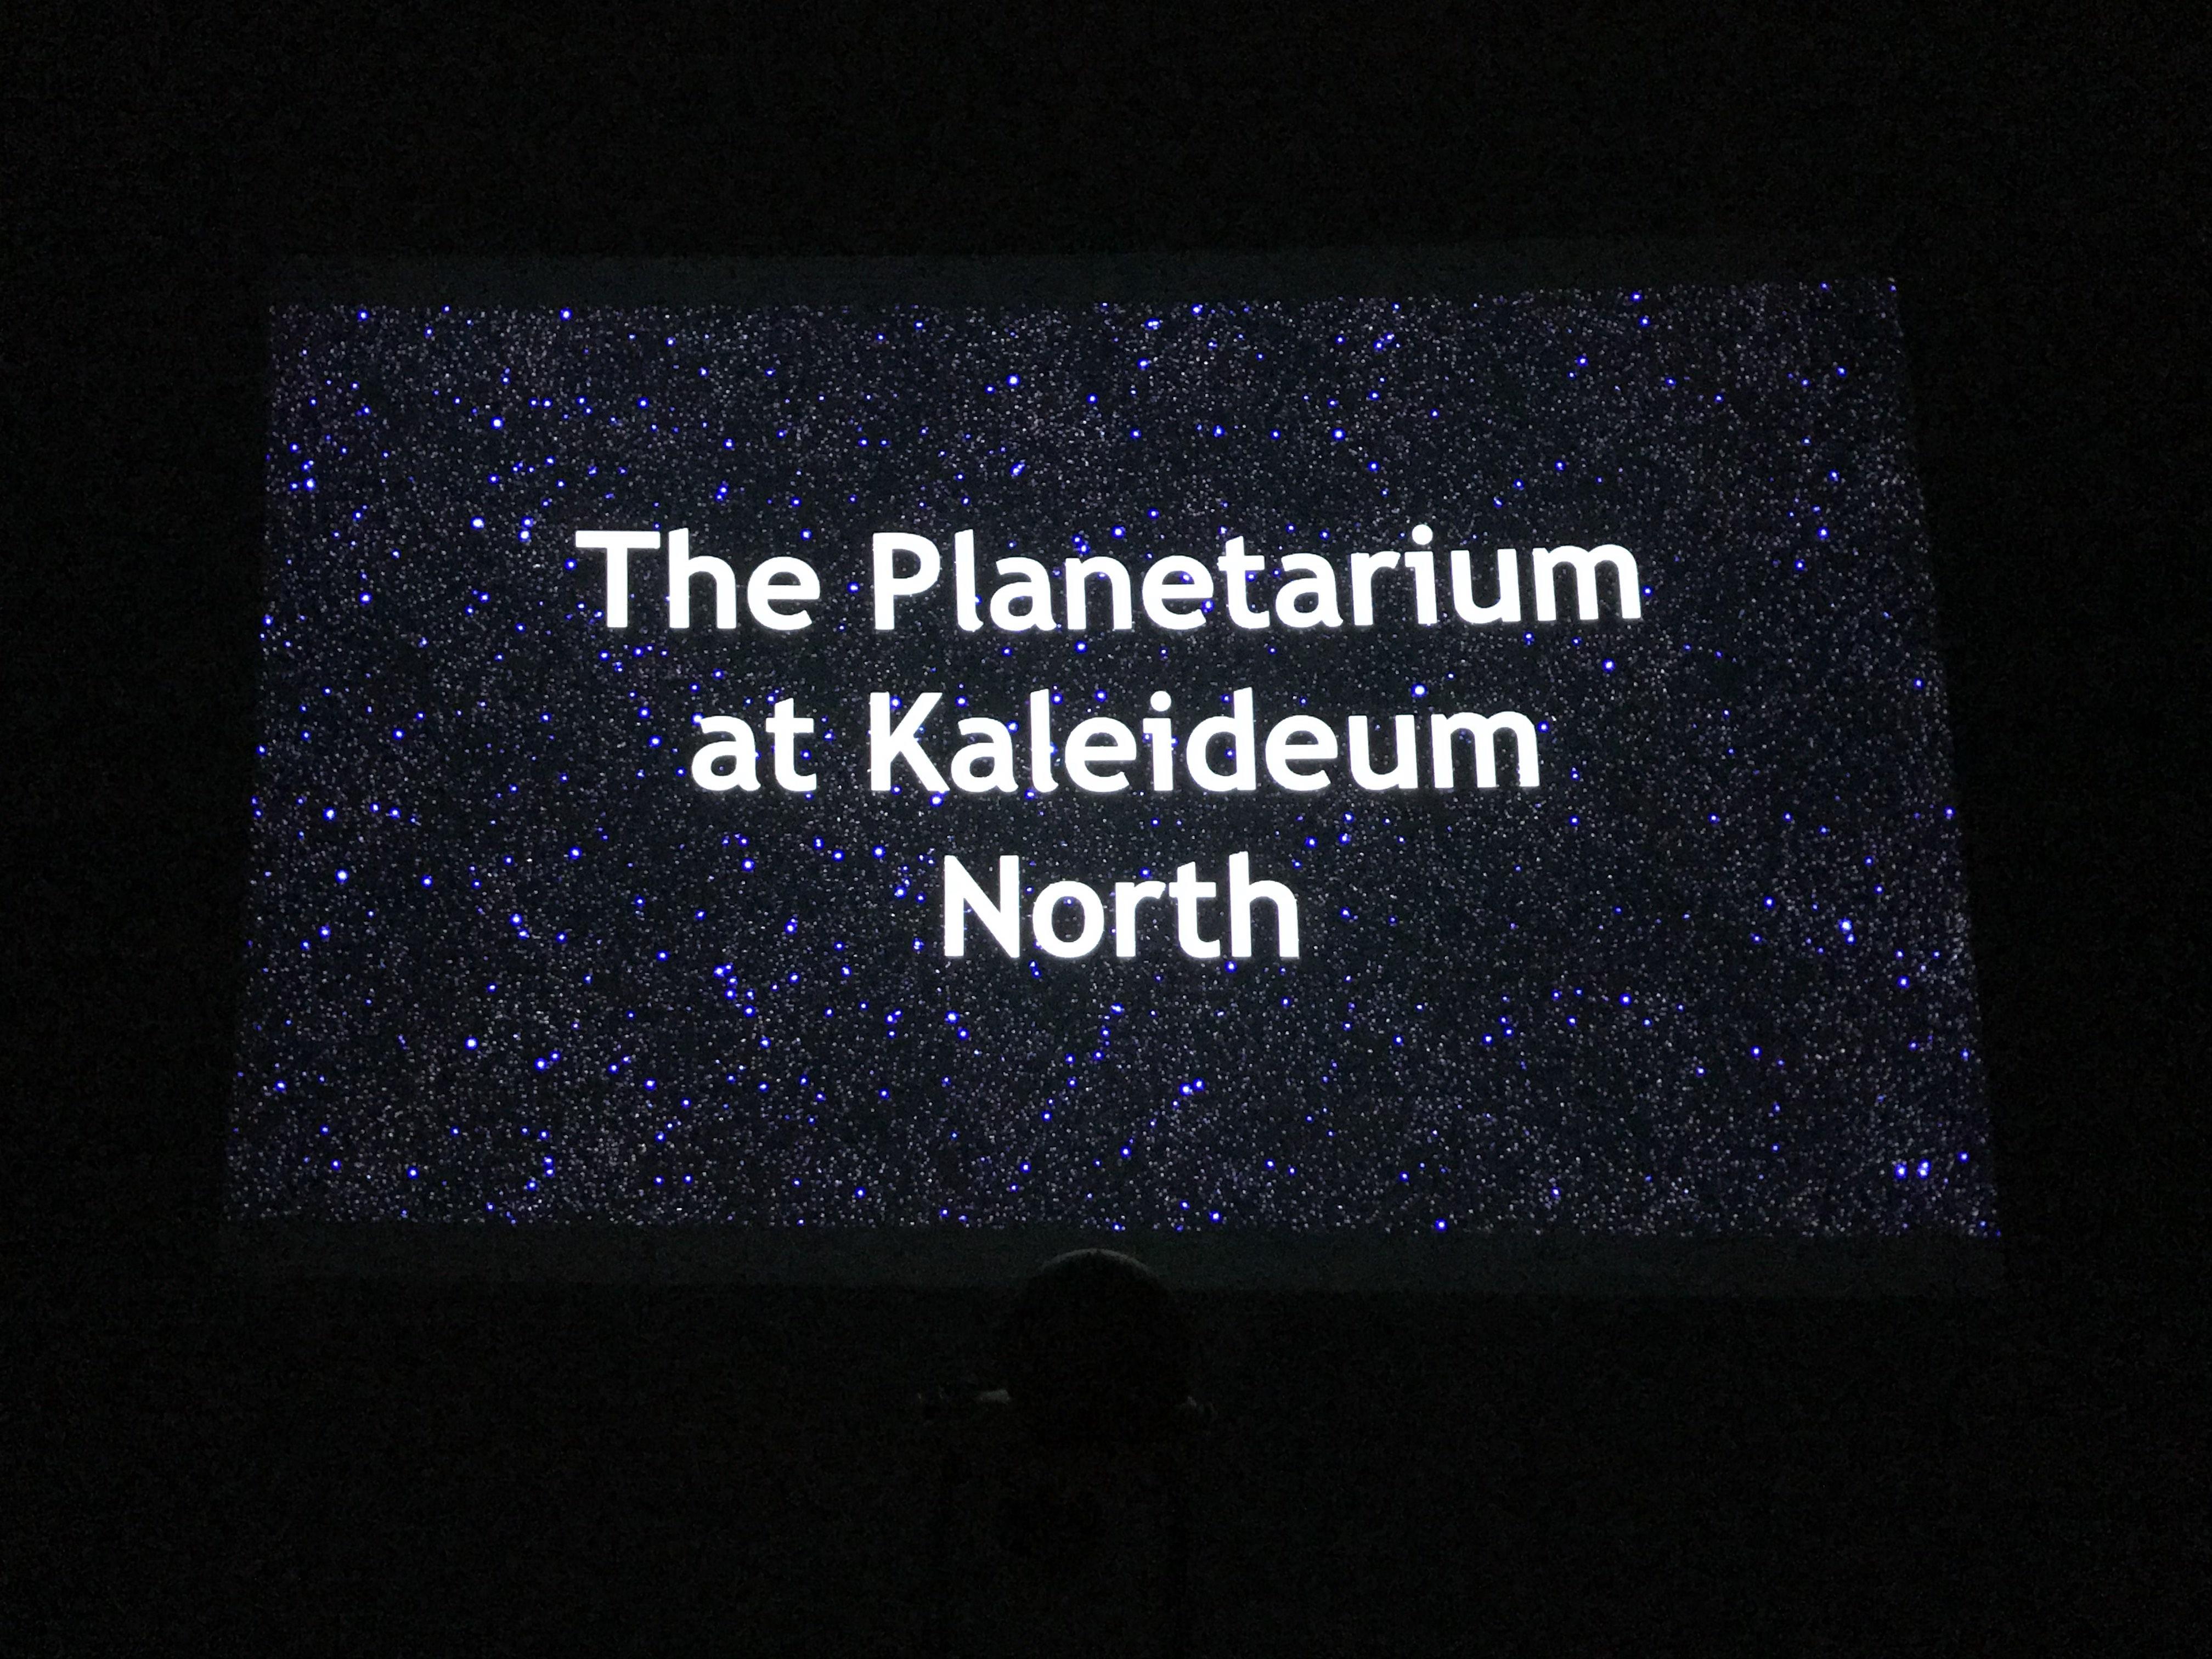 Kaleideum Planetarium